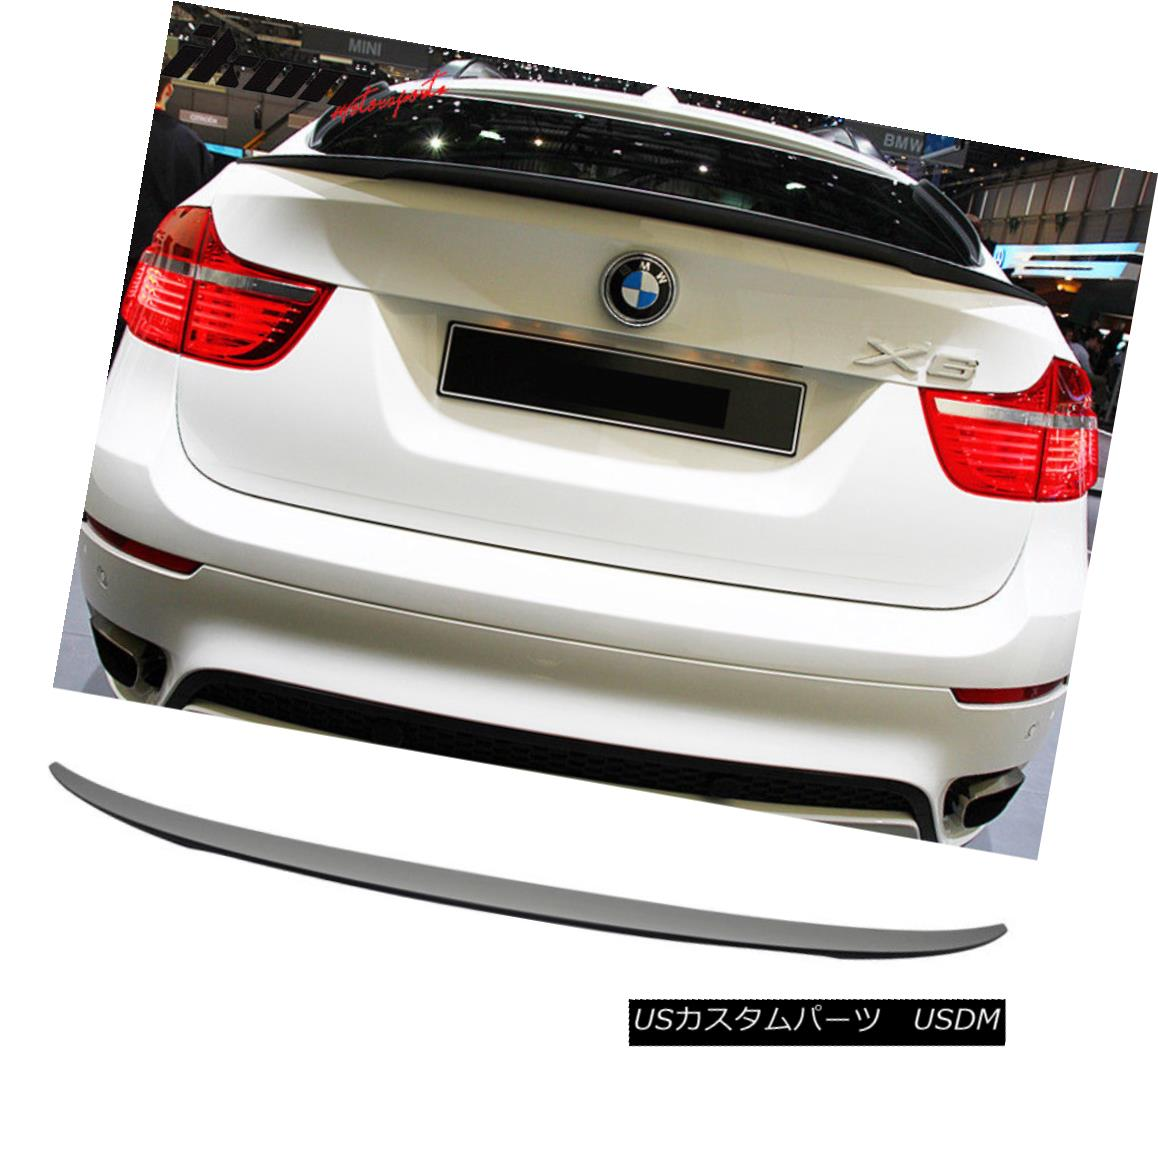 エアロパーツ Fits 08-13 BMW E71 X6 Performance Style Painted Matte Black Trunk Spoiler - ABS フィット08-13 BMW E71 X6パフォーマンススタイル塗装マットブラックトランクスポイラー - ABS